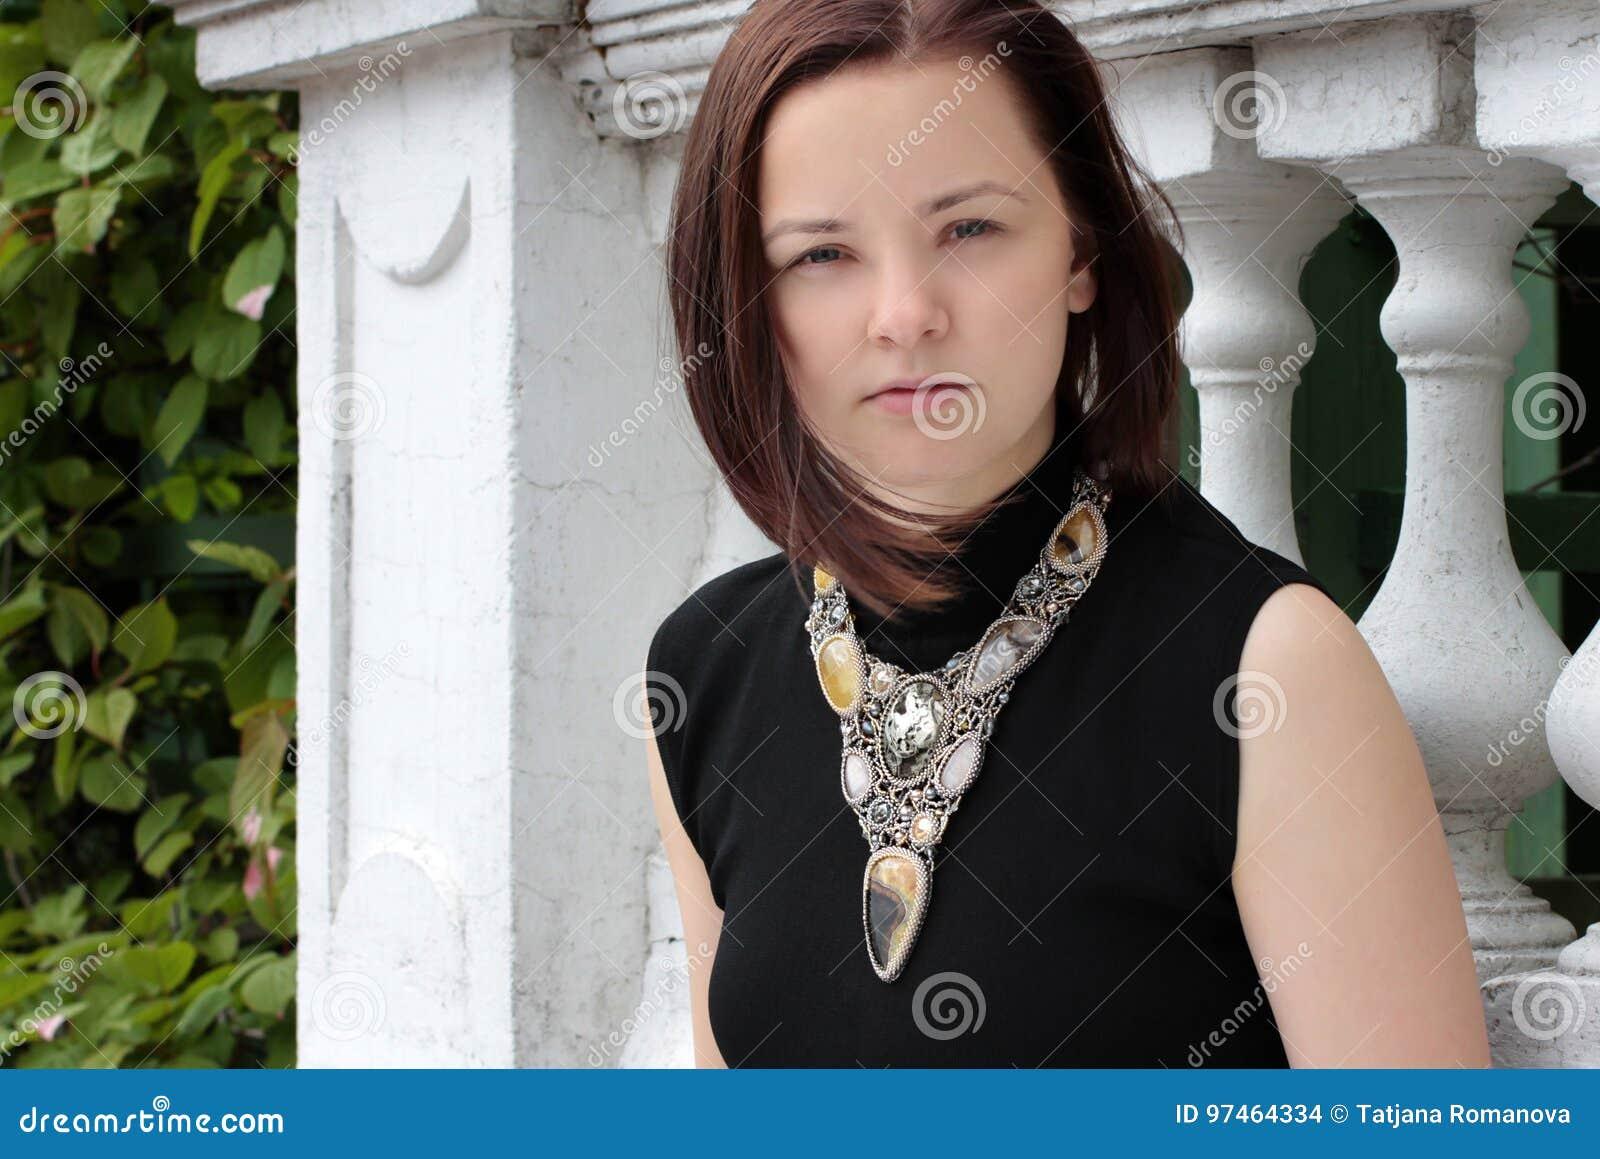 Retrato de una mujer joven en la calle